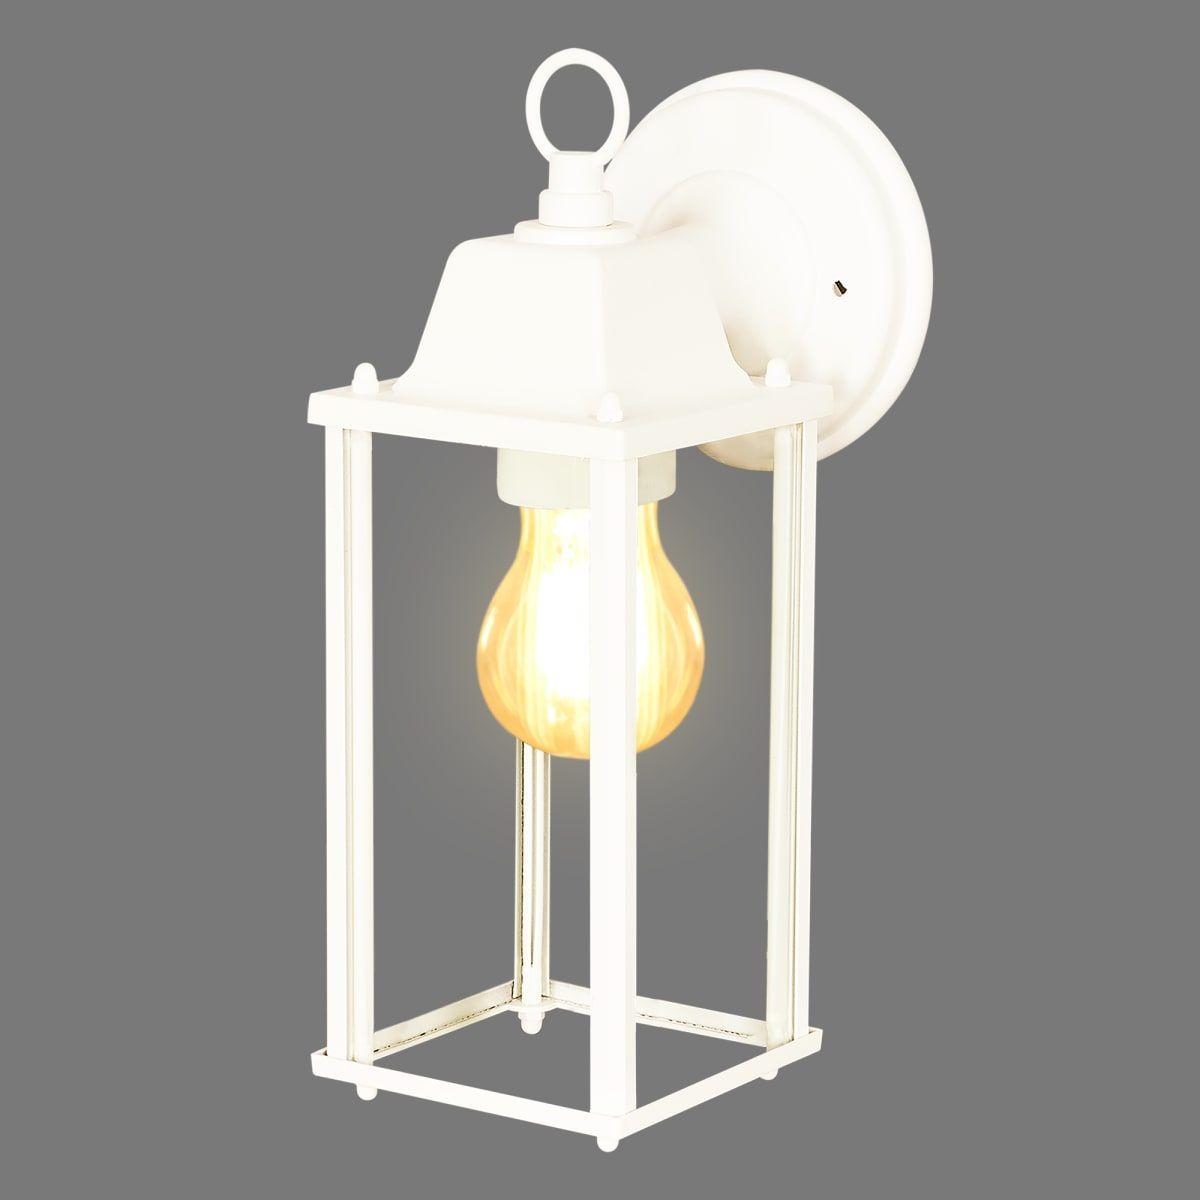 керосиновая лампа купить в леруа мерлен